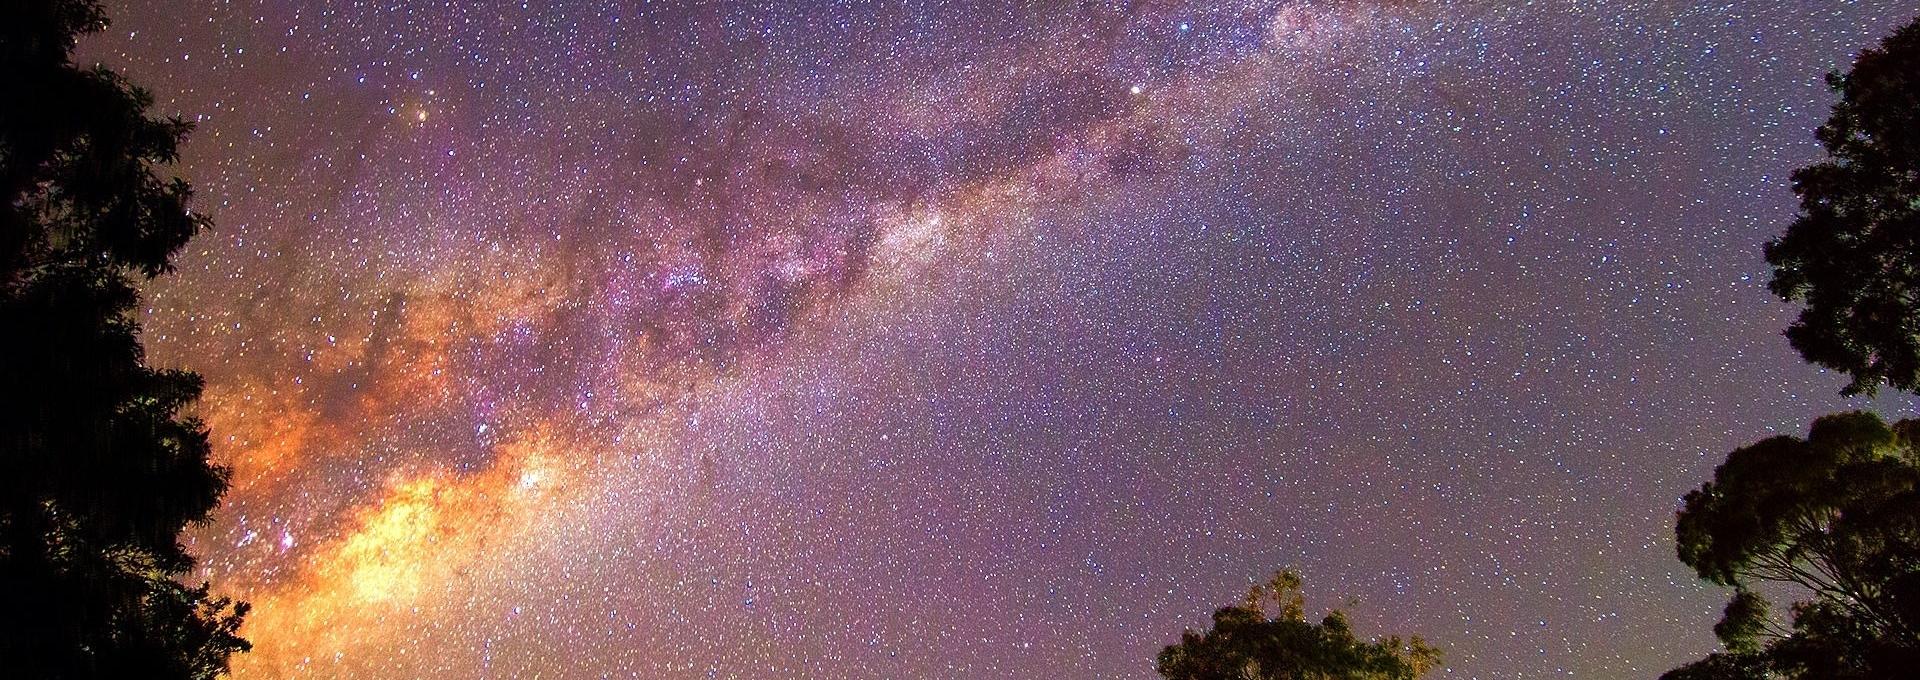 Законы Вселенной и их роль в жизни человека